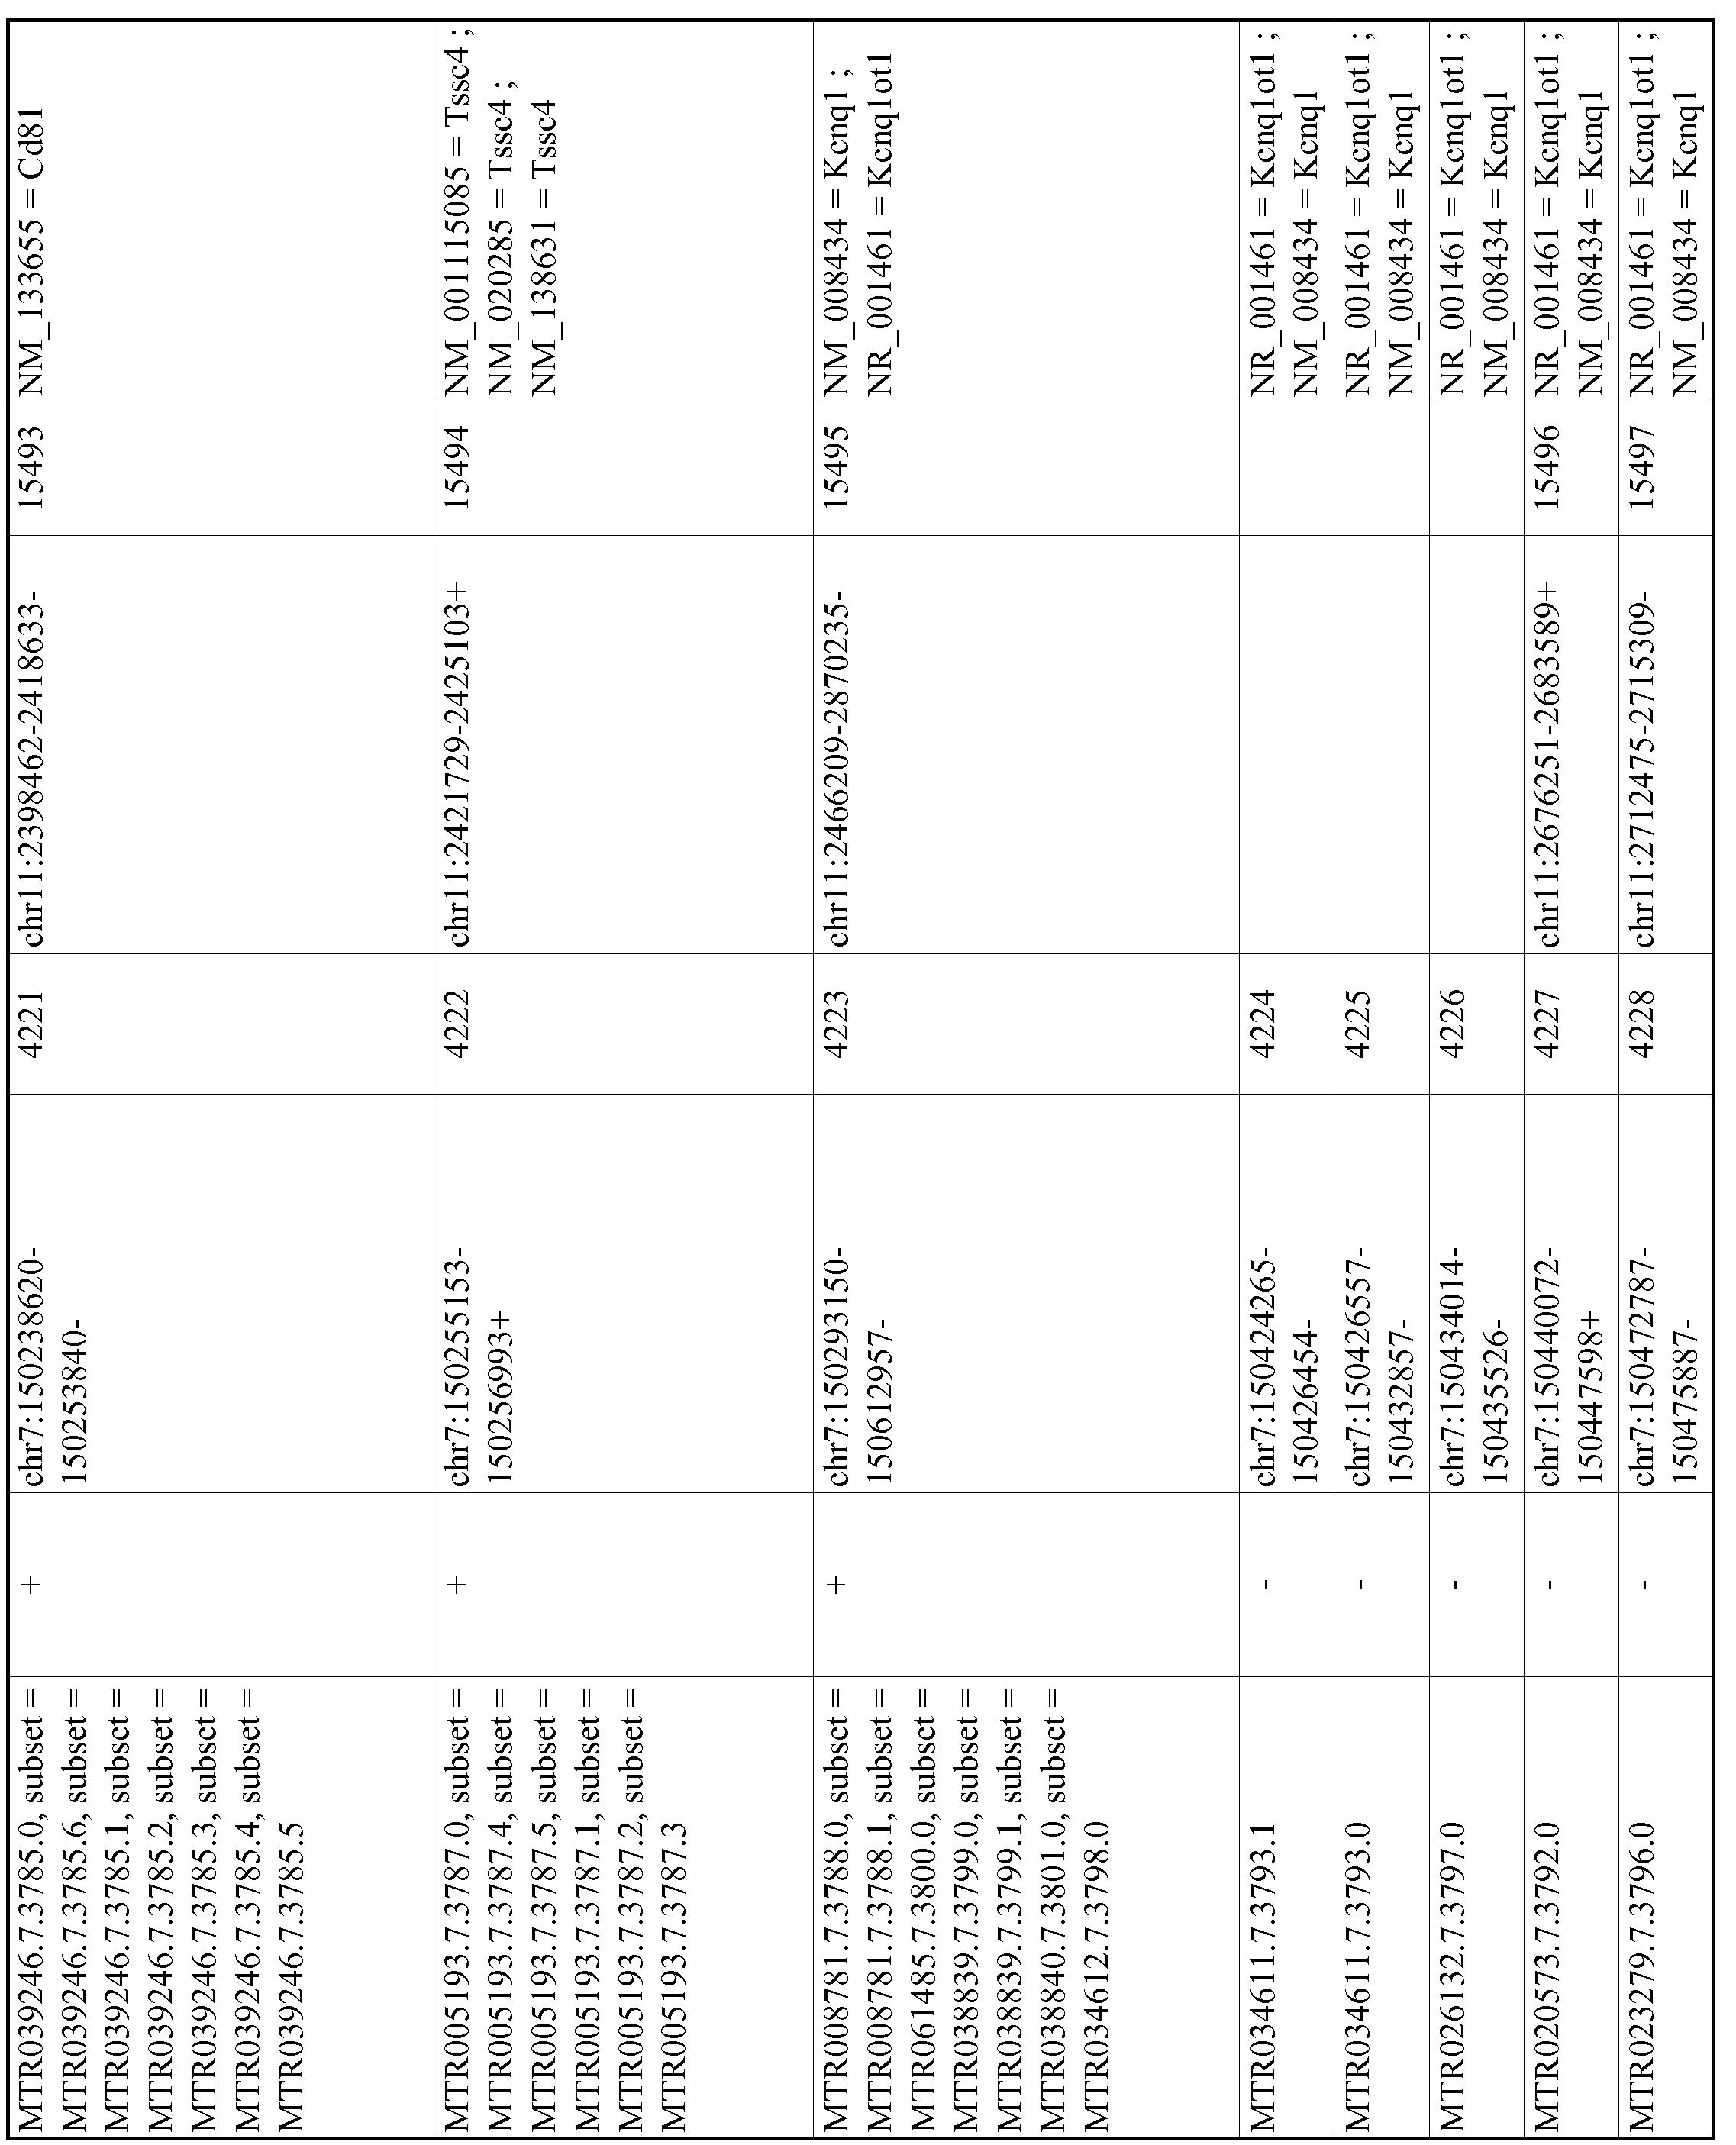 Figure imgf000802_0001